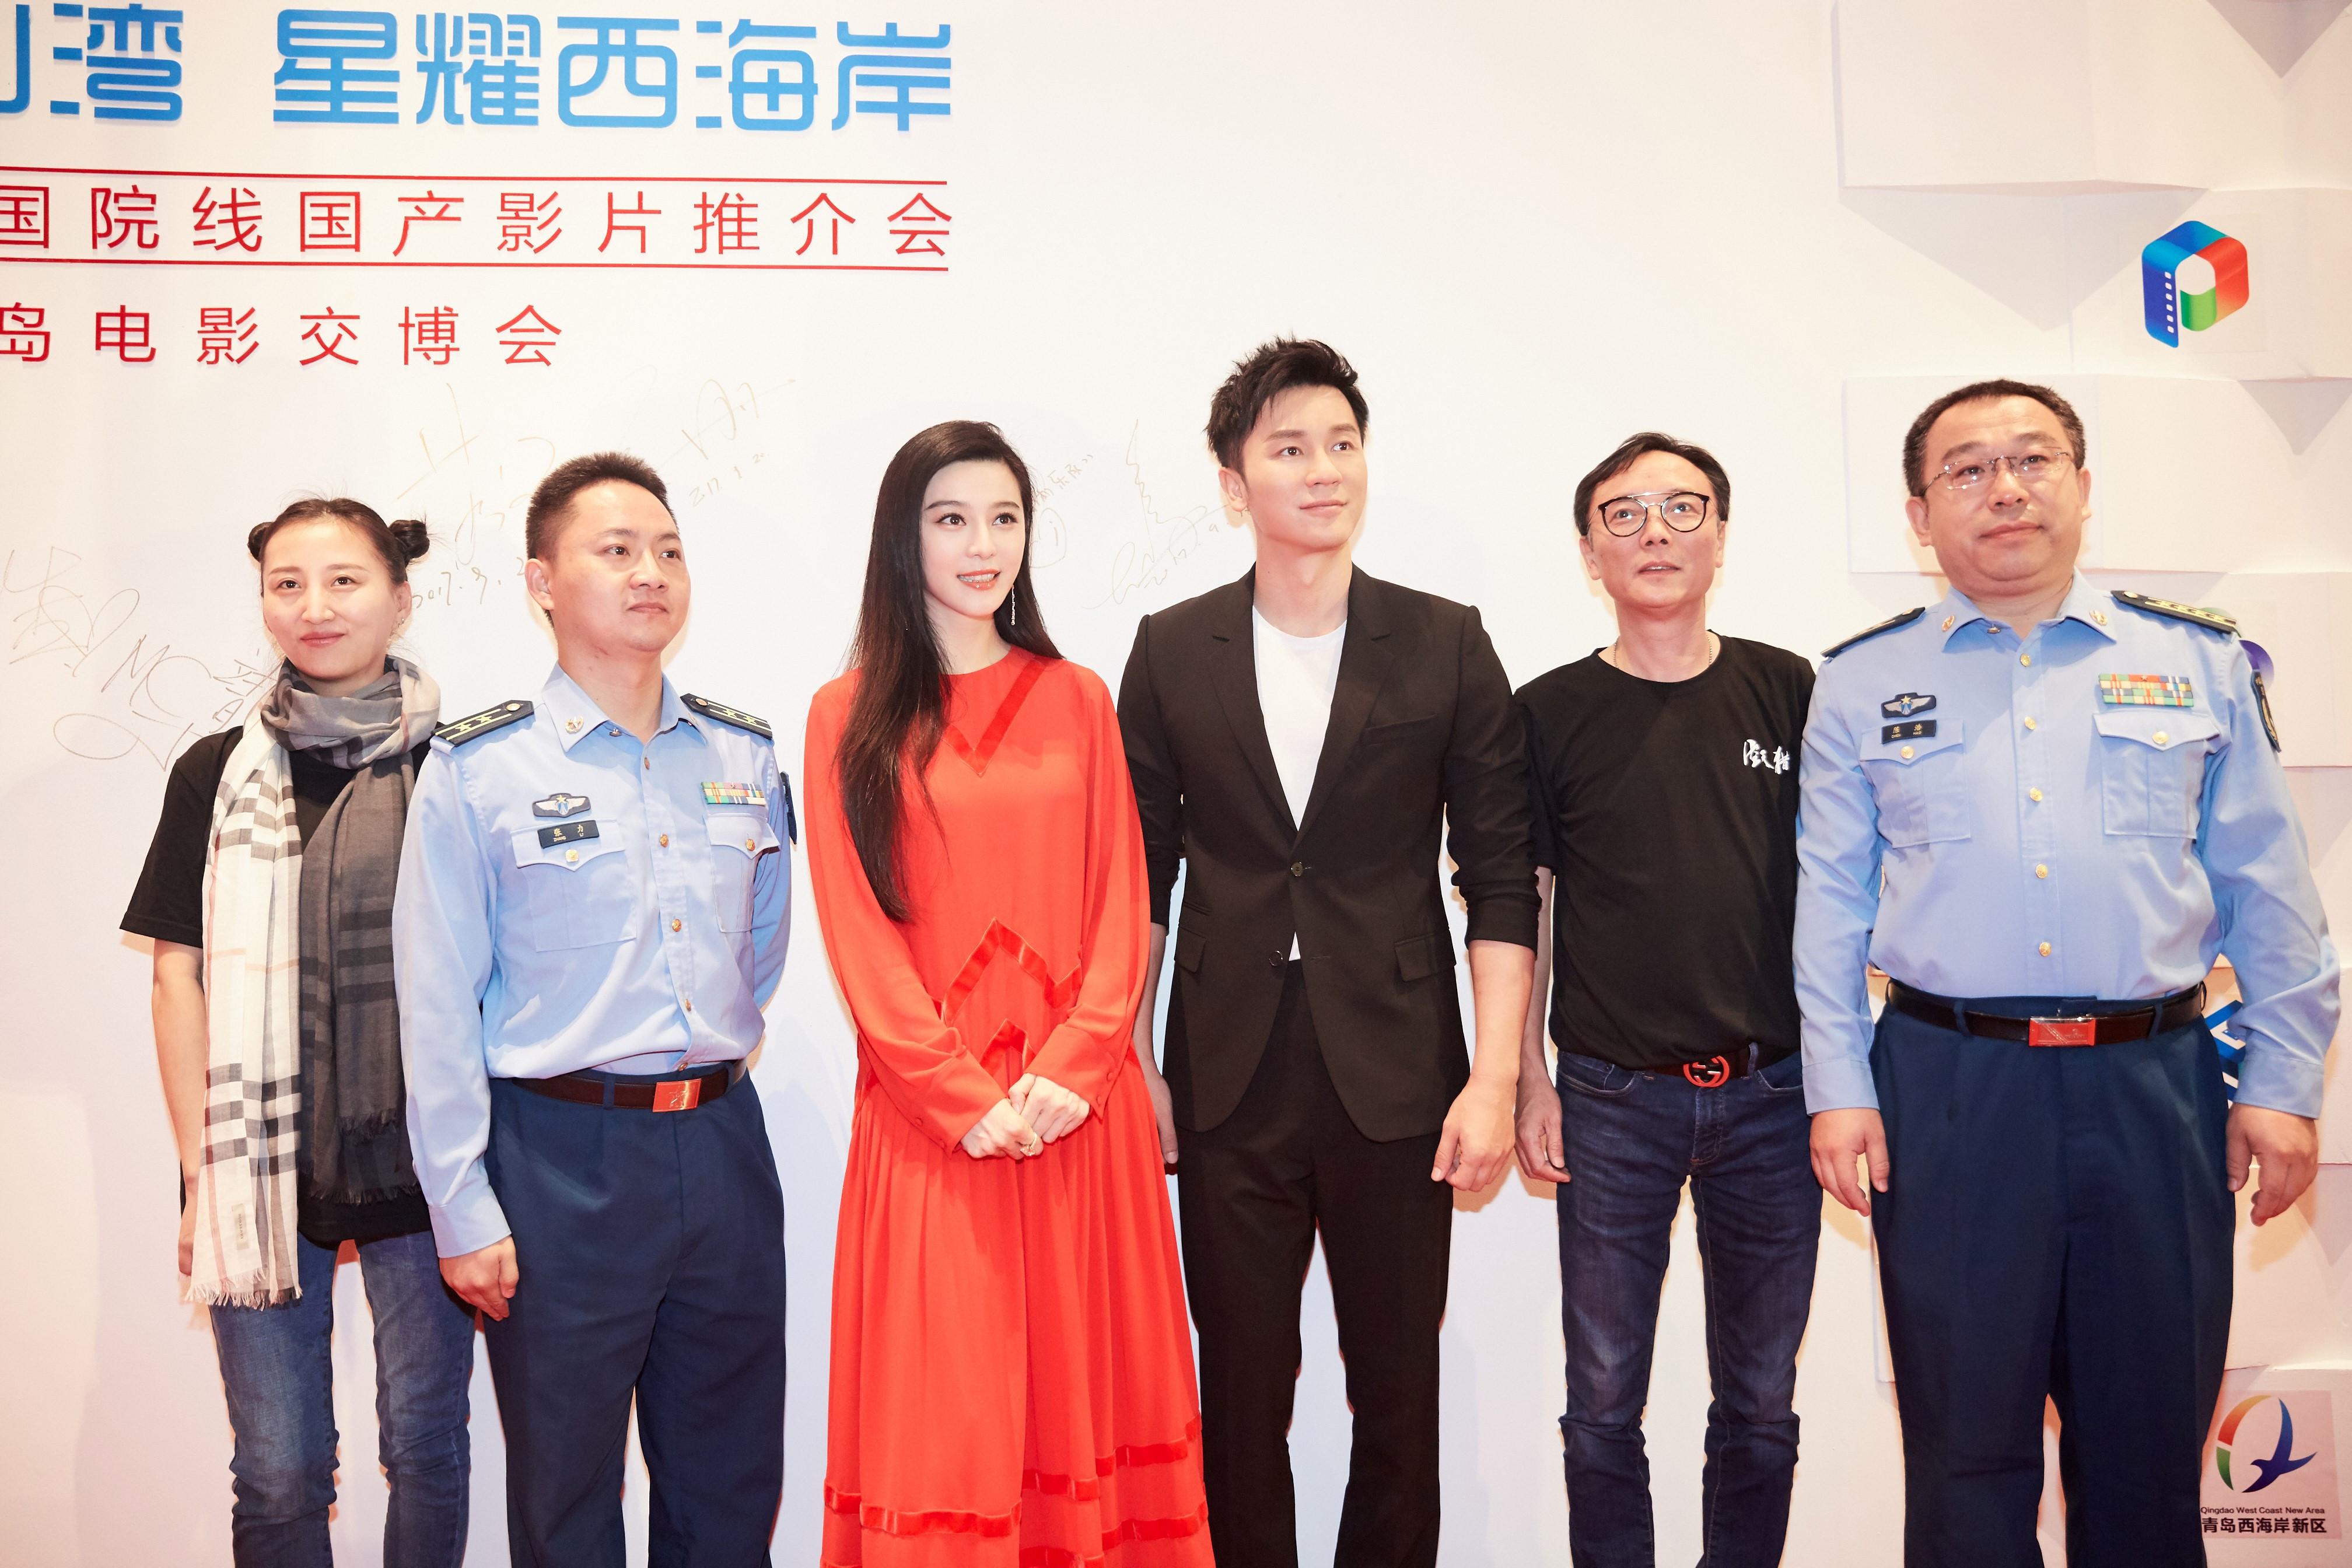 范冰冰李晨宣传电影《空天猎》-范冰冰李晨同时现身 领证在计划内